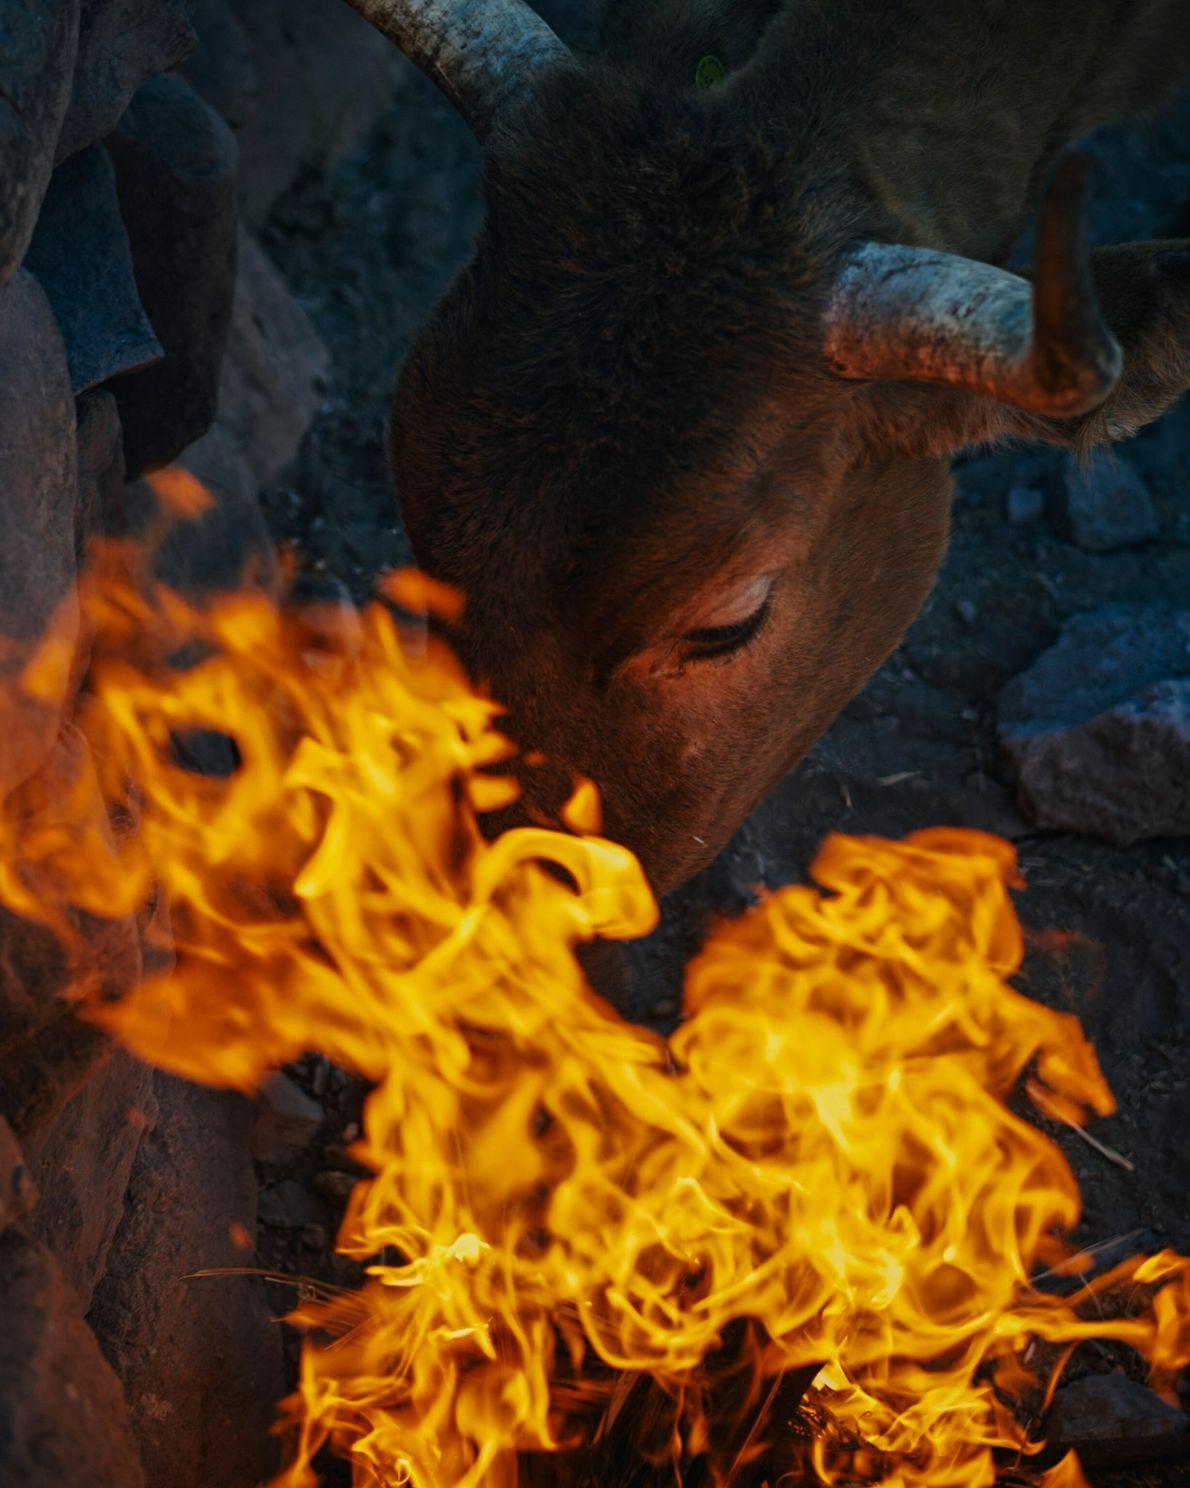 Un veau affamé essaie de manger des feuilles de palmier qui brûlent dans un feu au ...